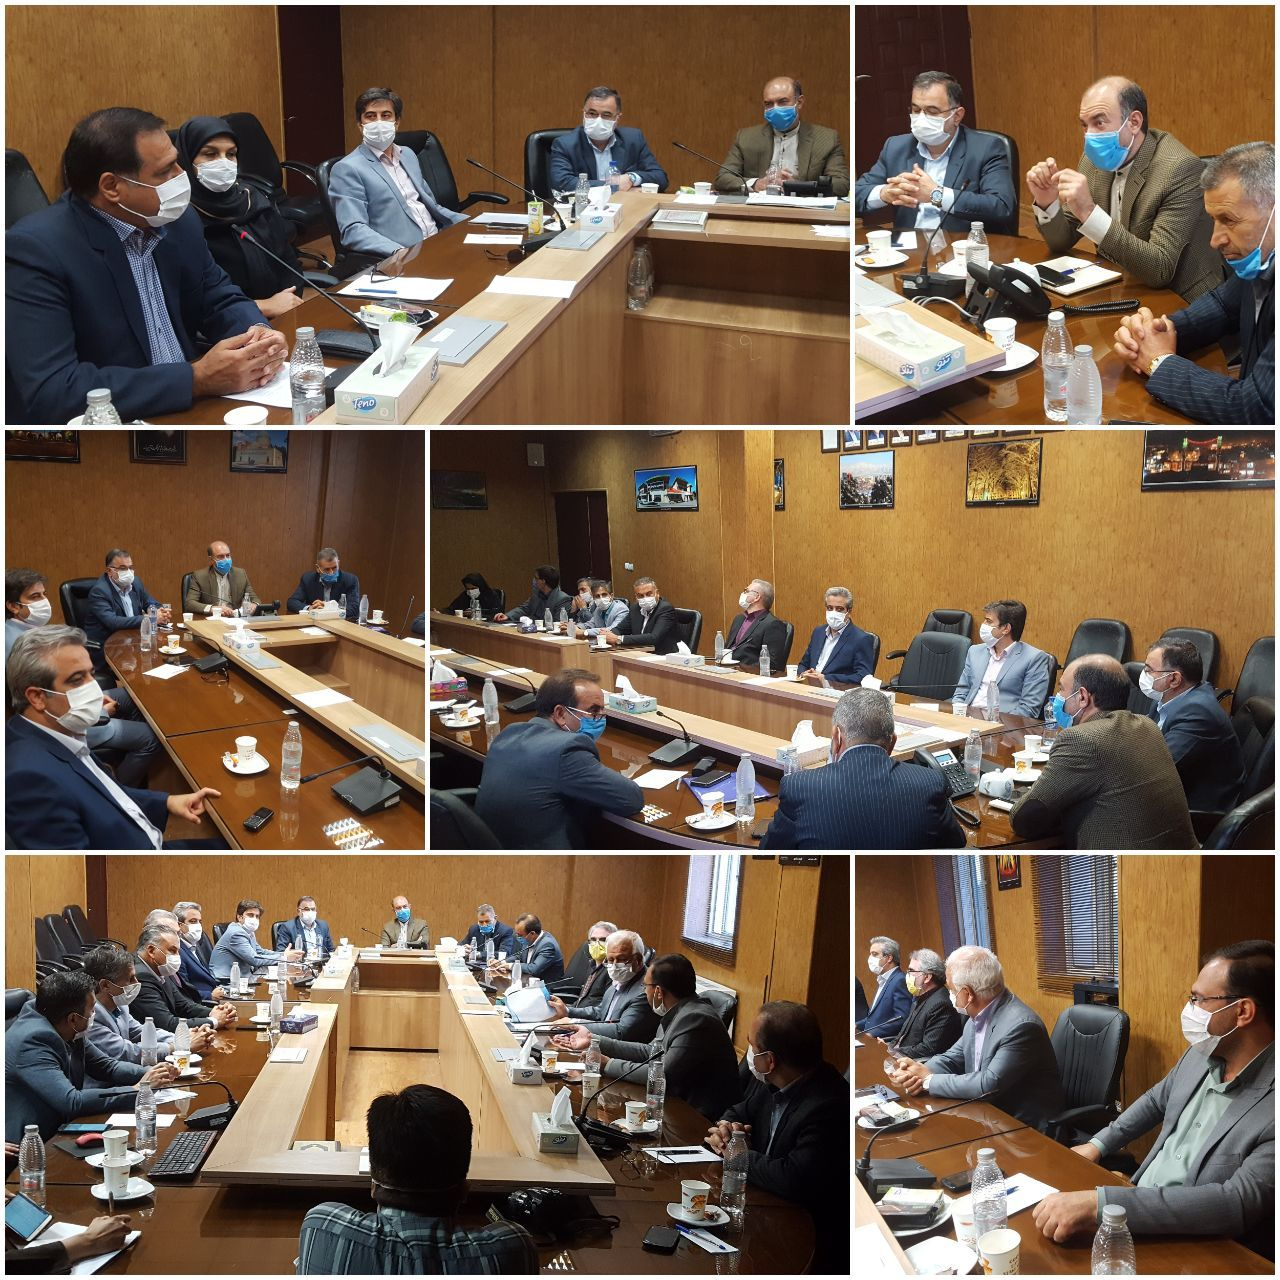 جلسه هیات عالی سرمایه گذاری شهرداری نیشابور و ارائه دو طرح بزرگ سرمایه گذاری با مشارکت شهرداری نیشابور